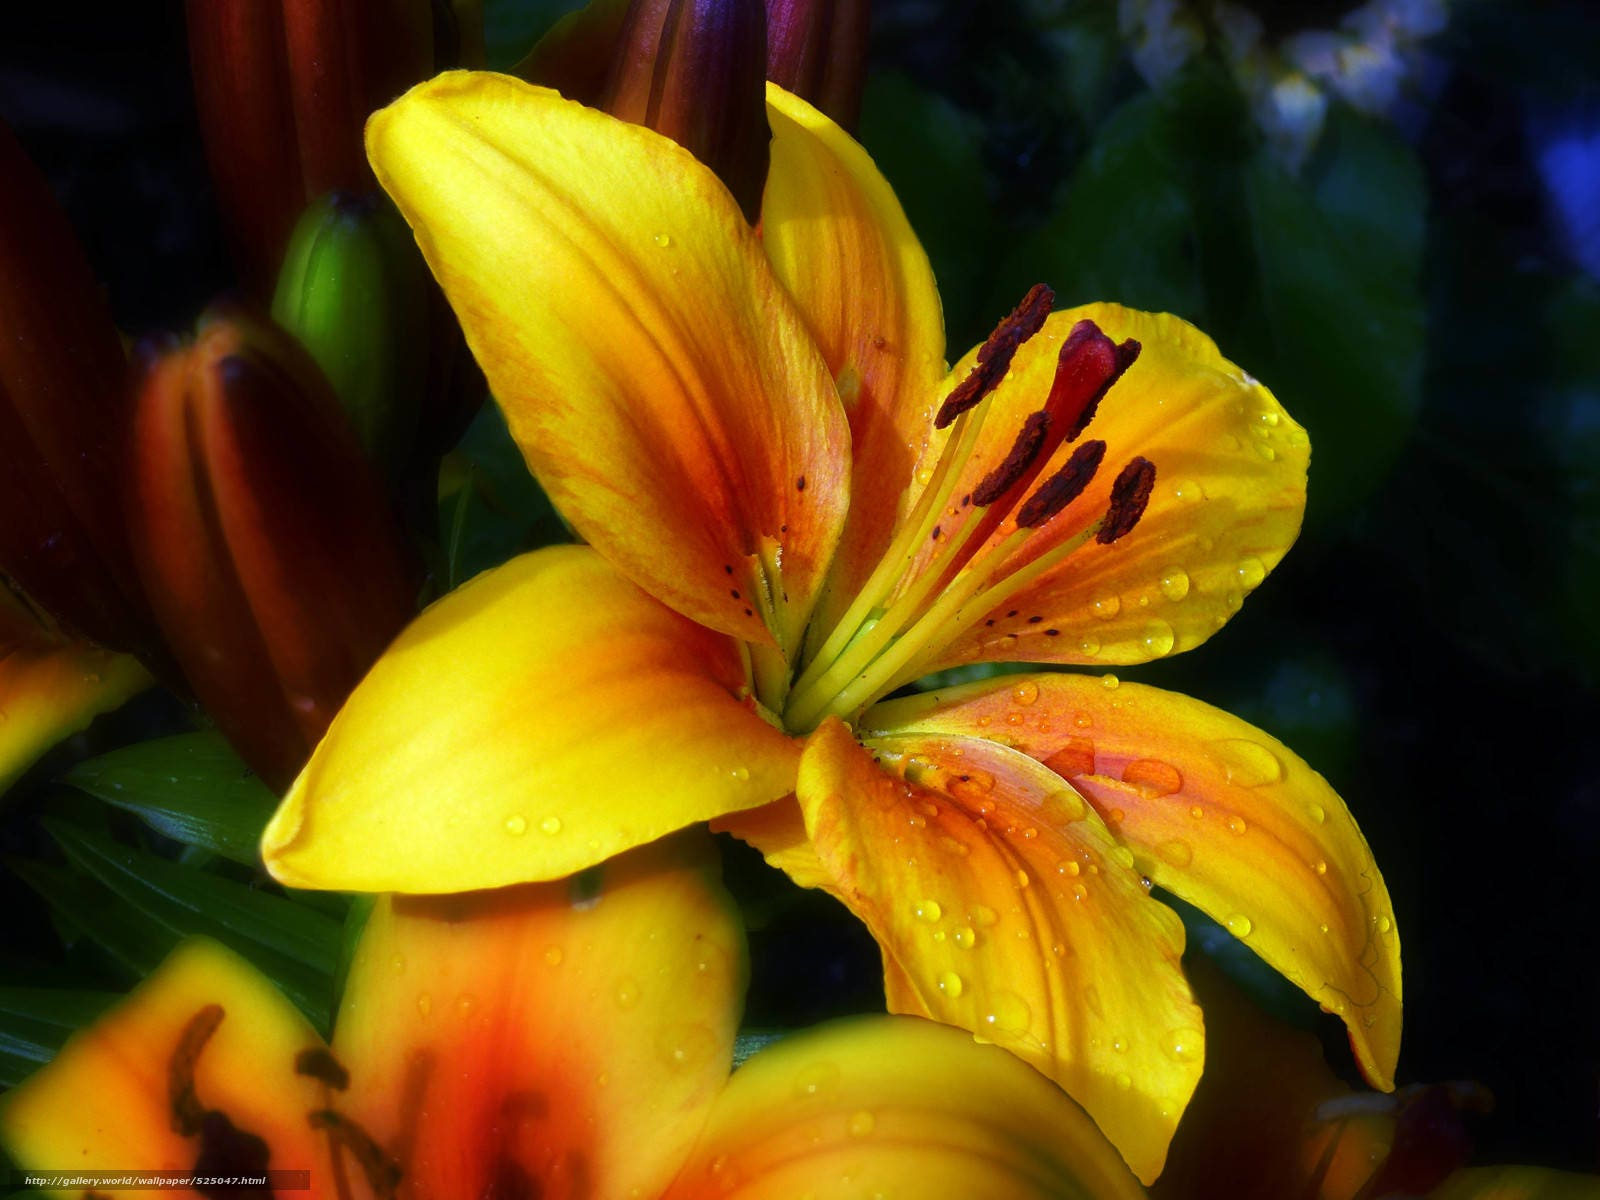 GOLDEN JOY 5 x Dwarf Lilies Perennial Garden Lily Plant BULBS